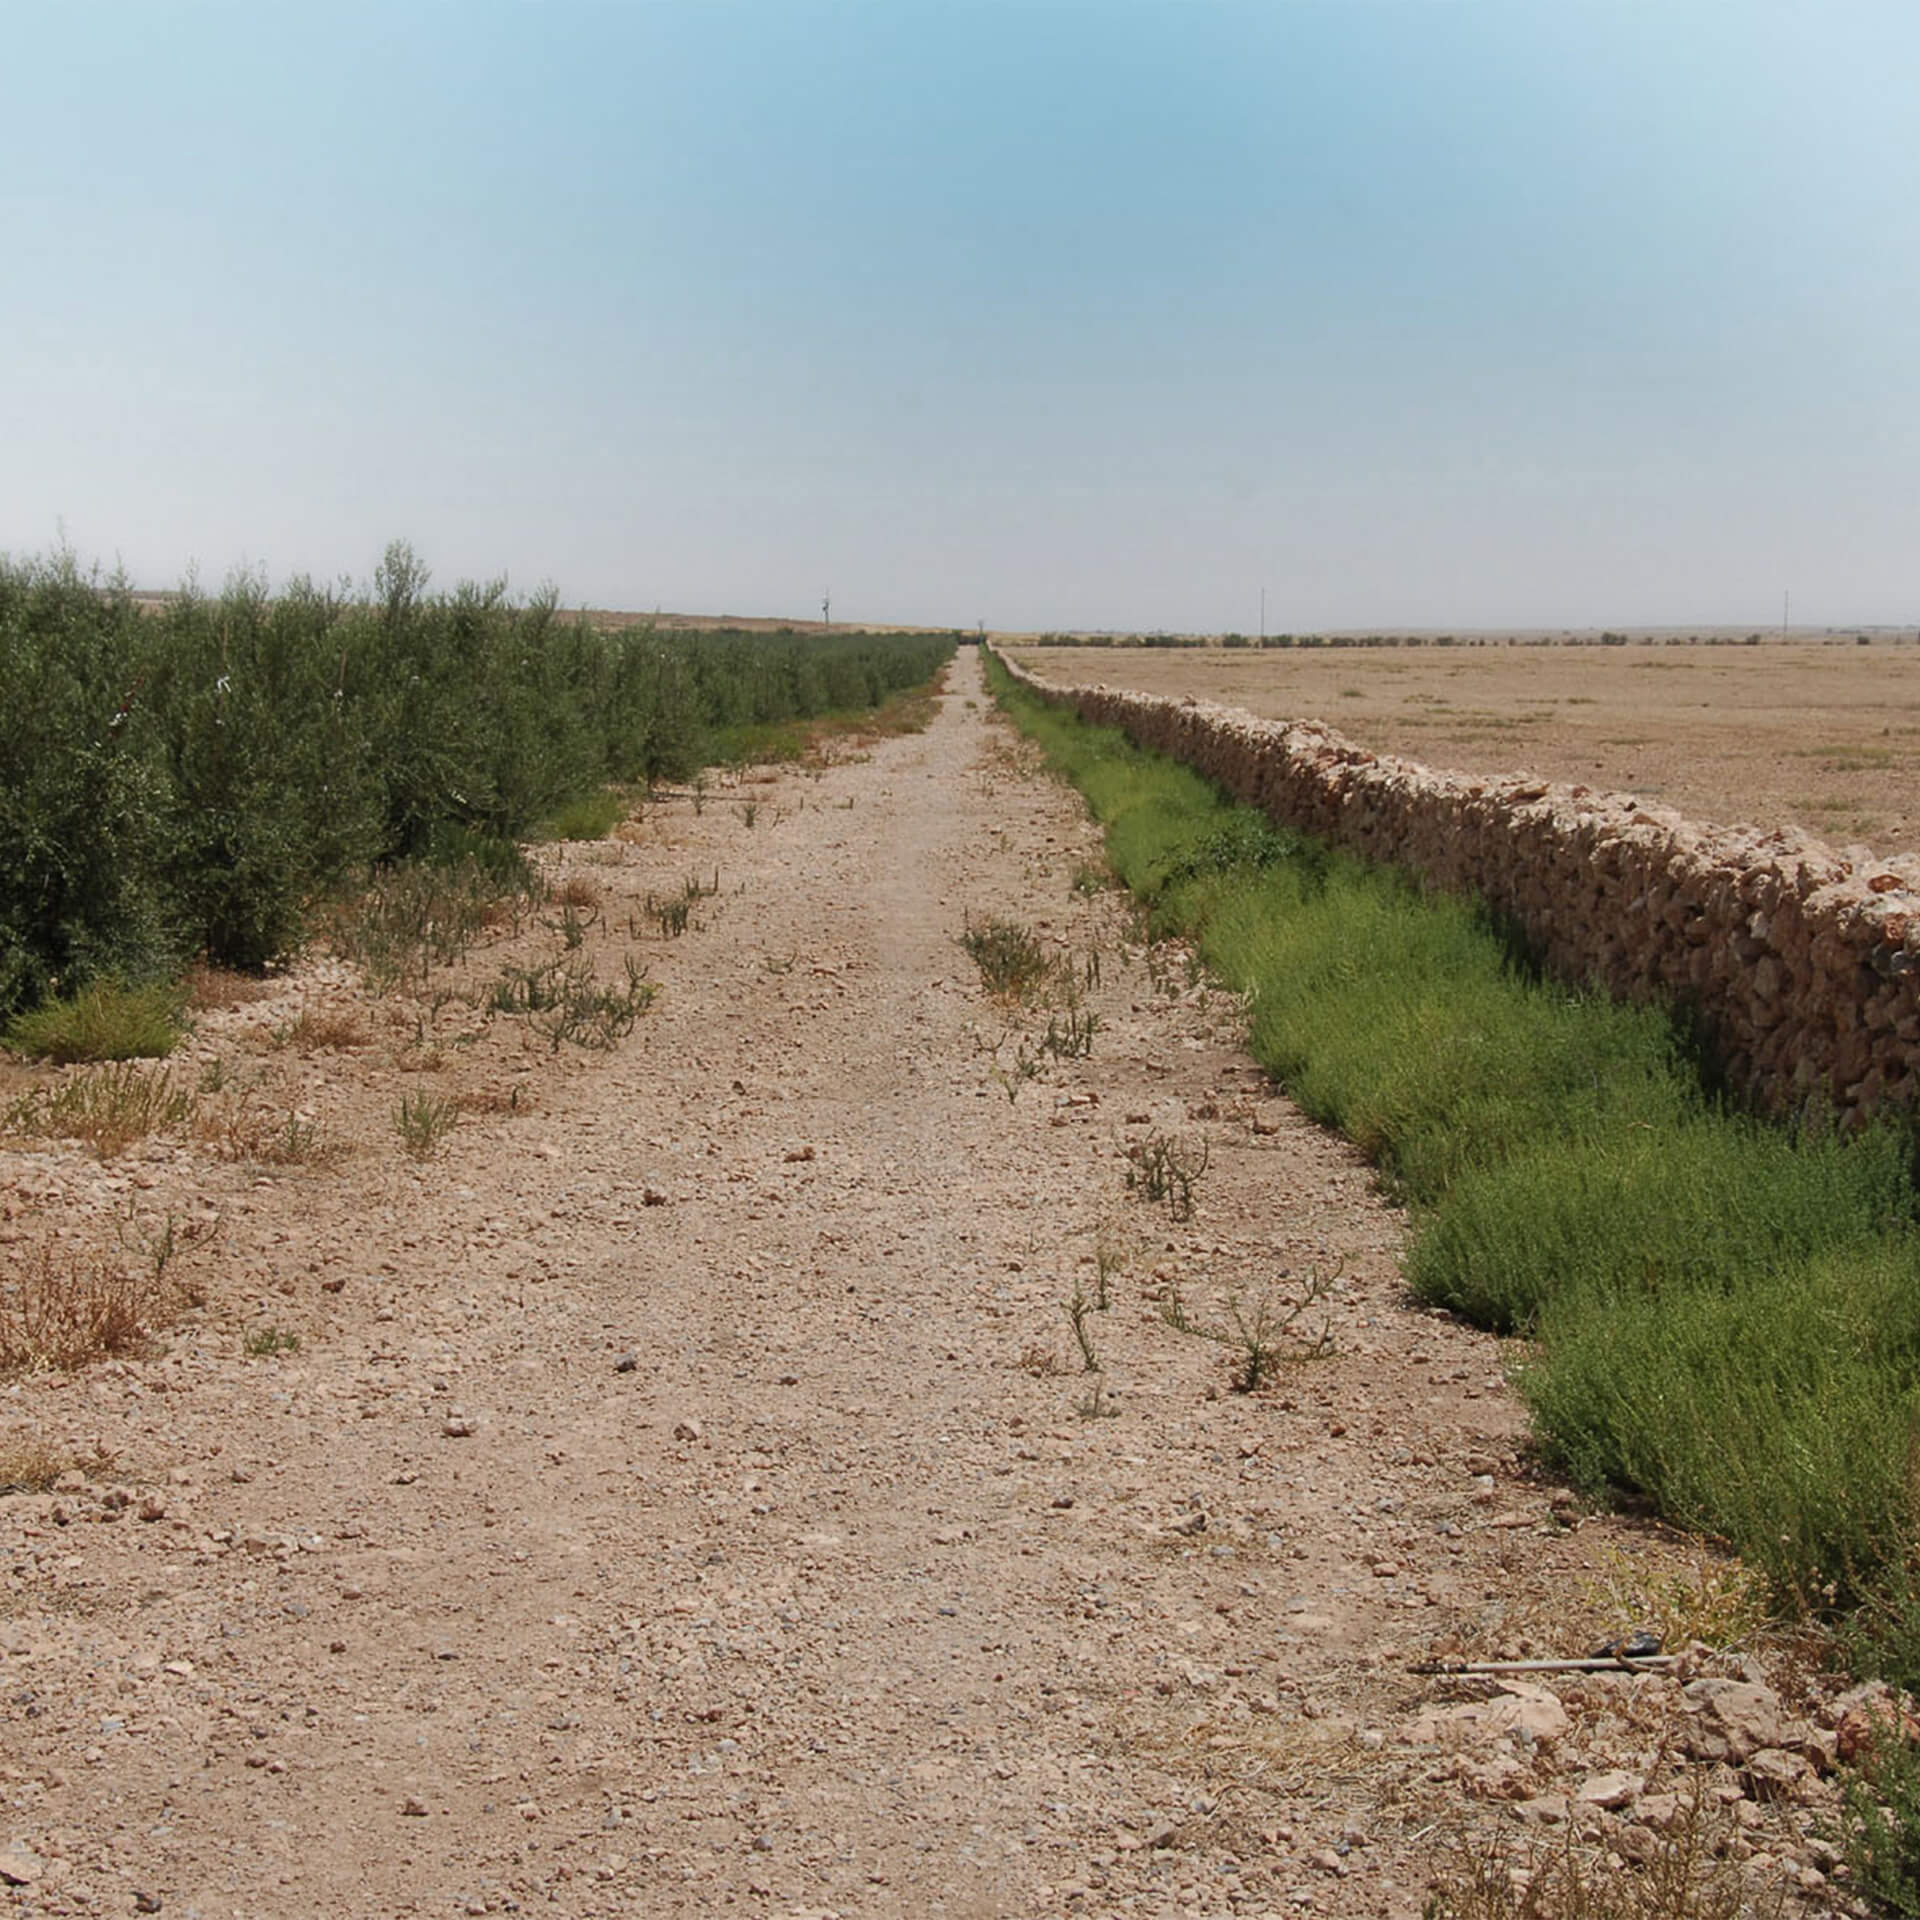 Desert olive trees